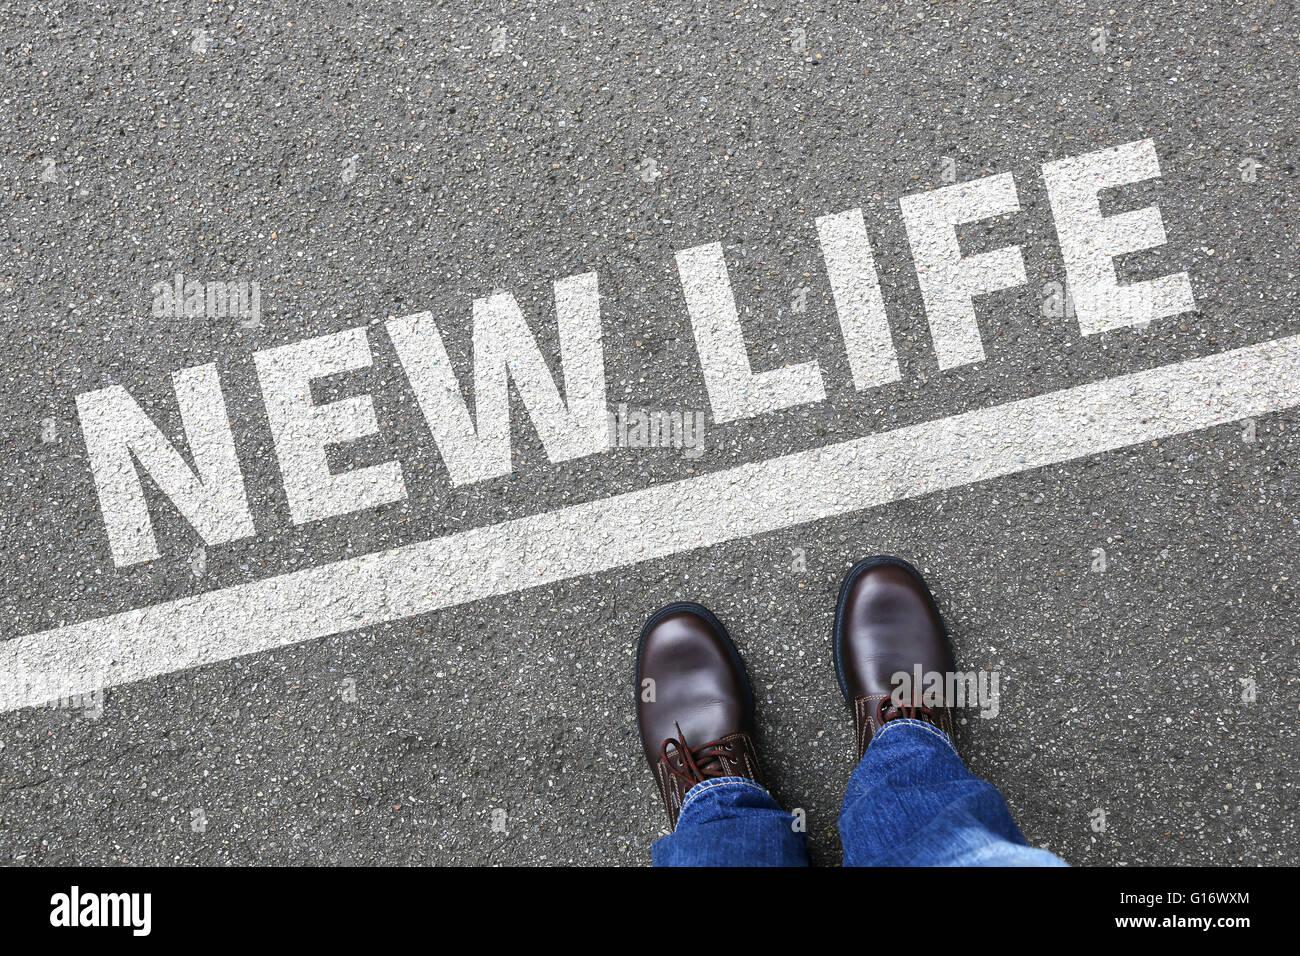 Nueva vida inicio inicios futuros objetivos últimos éxito deciden cambiar de decisión Imagen De Stock